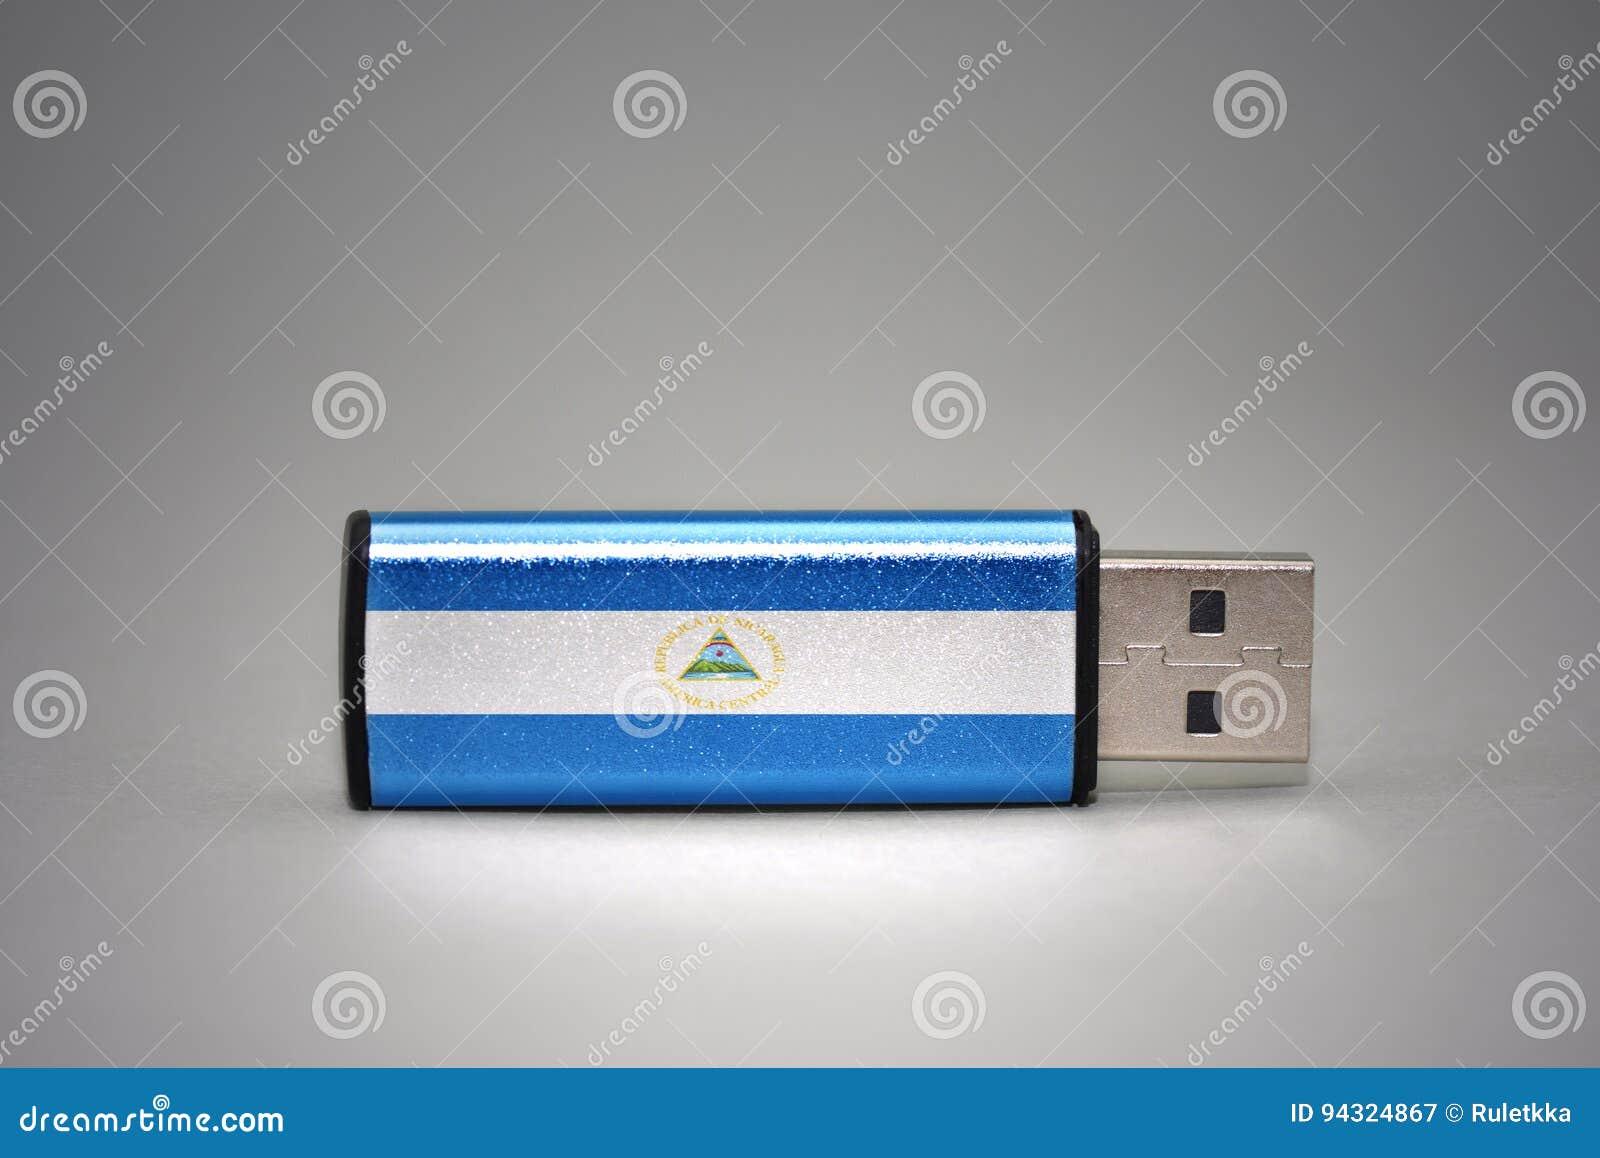 De aandrijving van de Usbflits met de nationale vlag van Nicaragua op grijze achtergrond